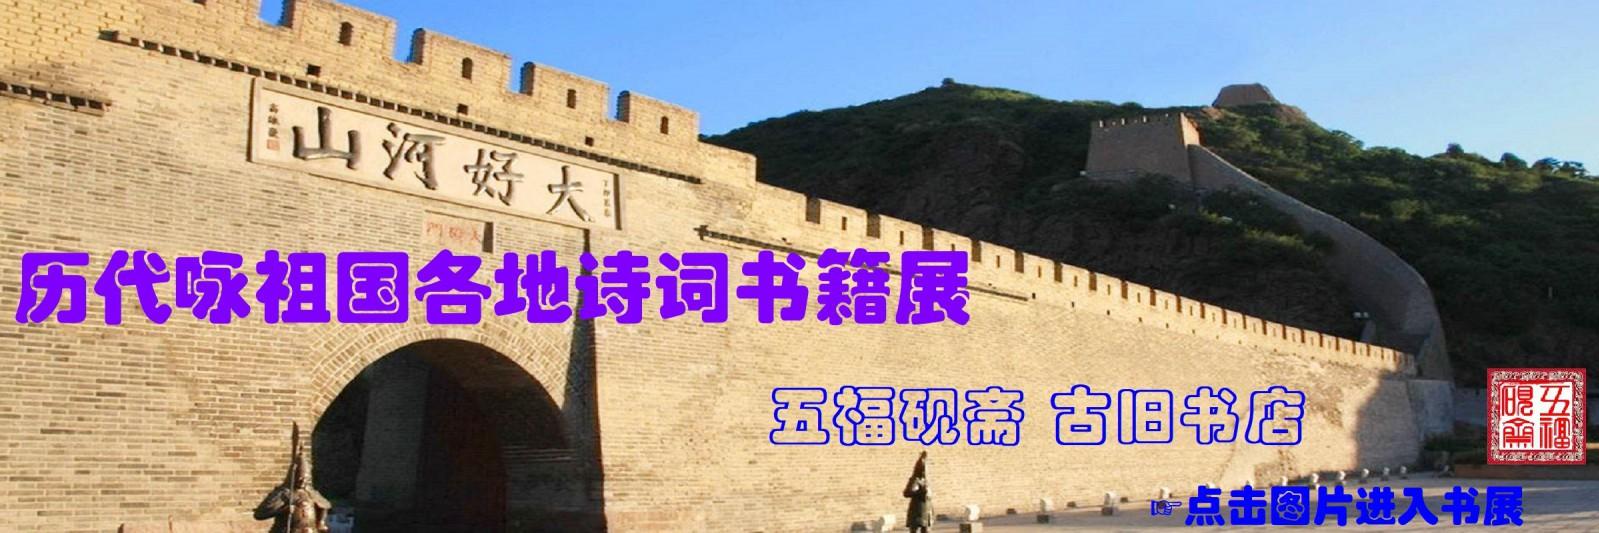 http://shop.kongfz.com/201185/special/57038/